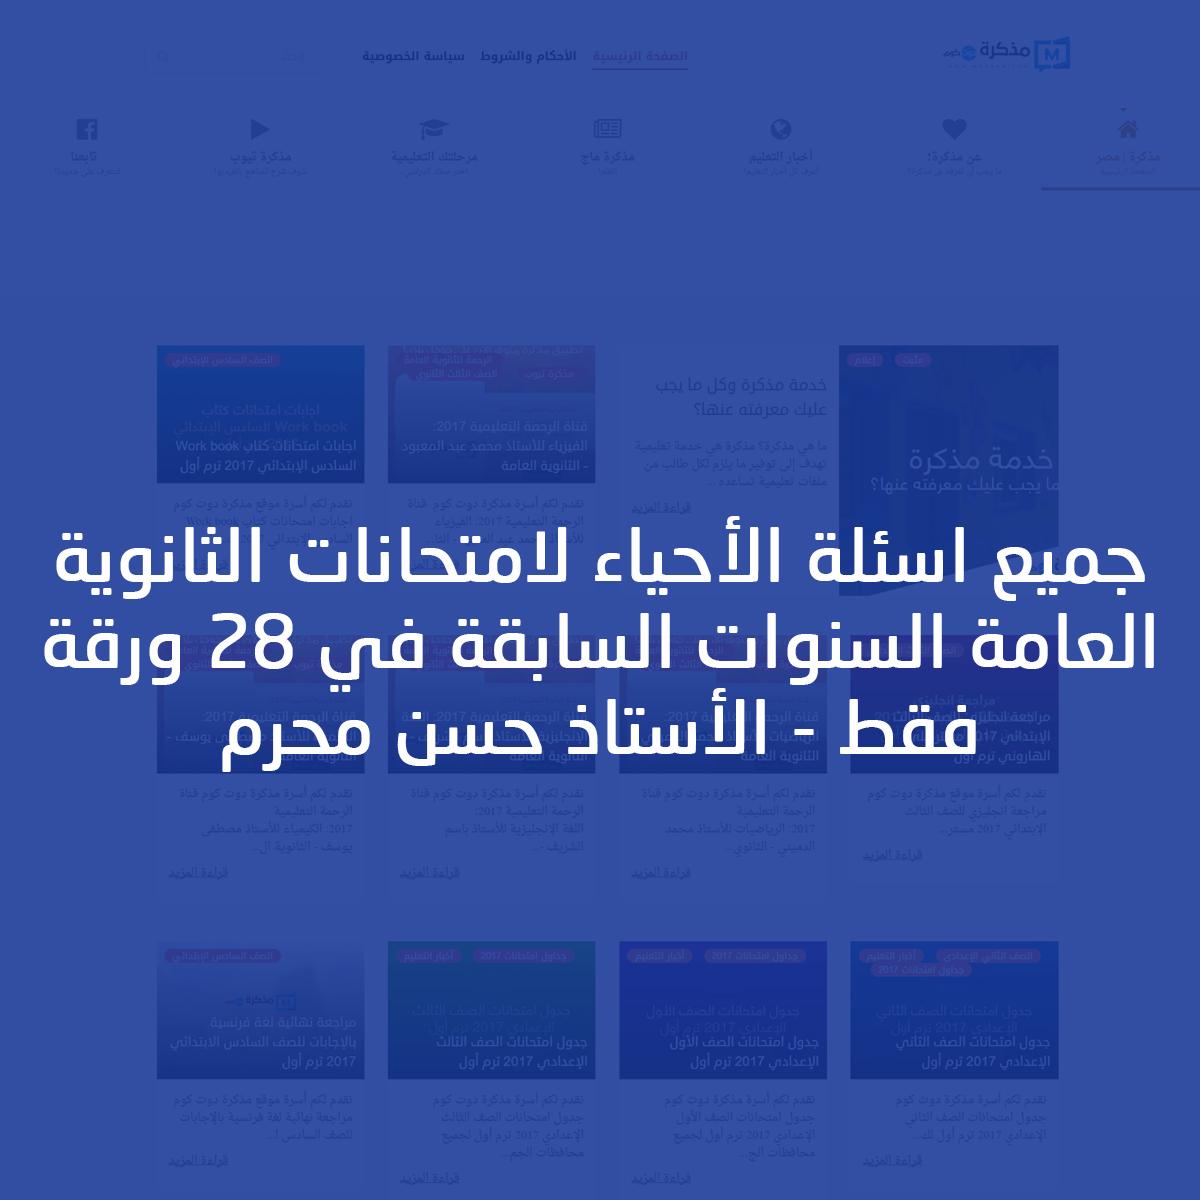 جميع اسئلة الأحياء لامتحانات الثانوية العامة السنوات السابقة في 28 ورقة فقط - الأستاذ حسن محرم